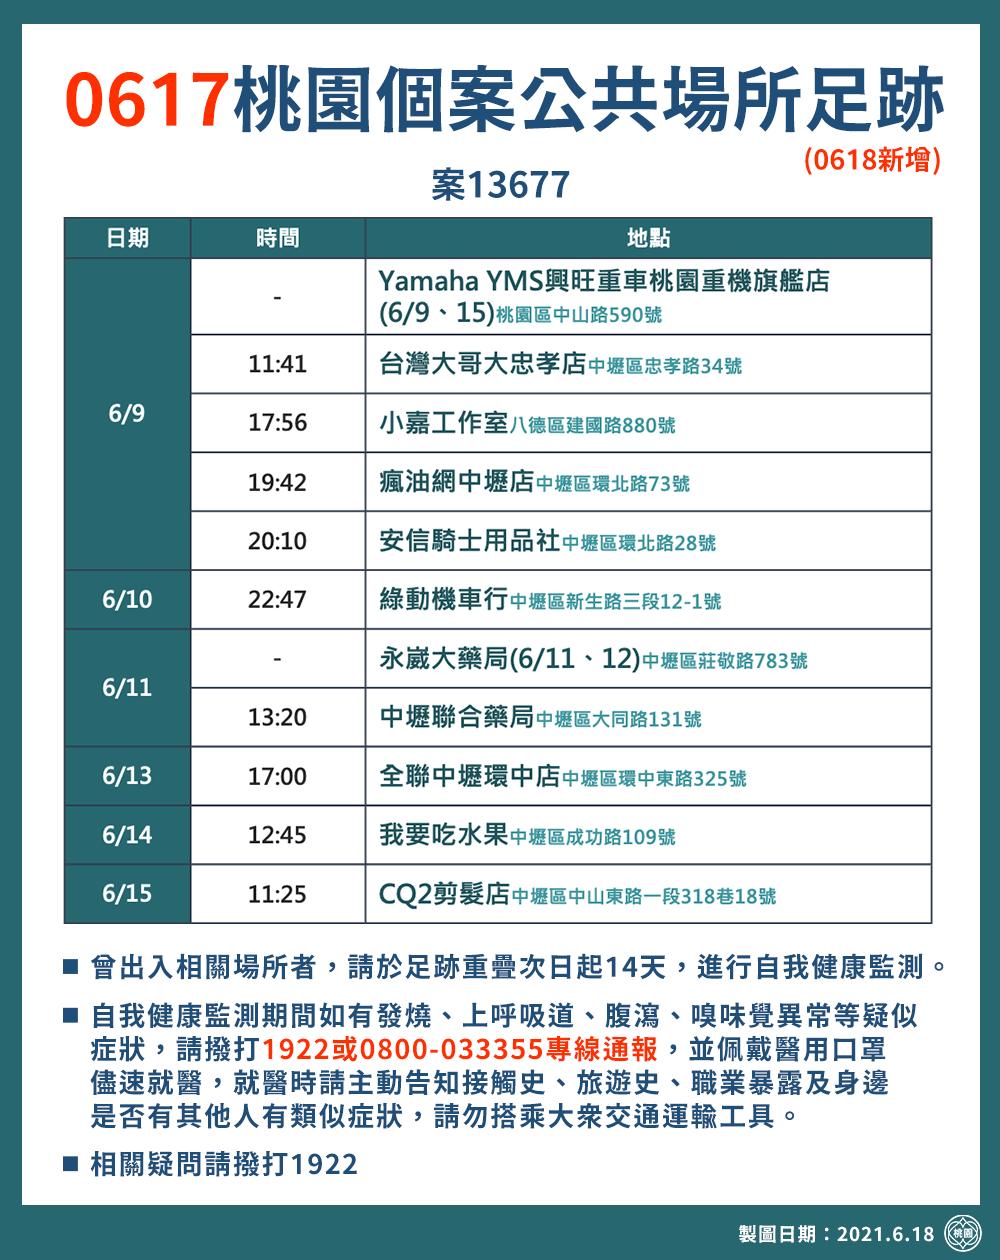 0617桃園個案公共場所足跡(0618新增)